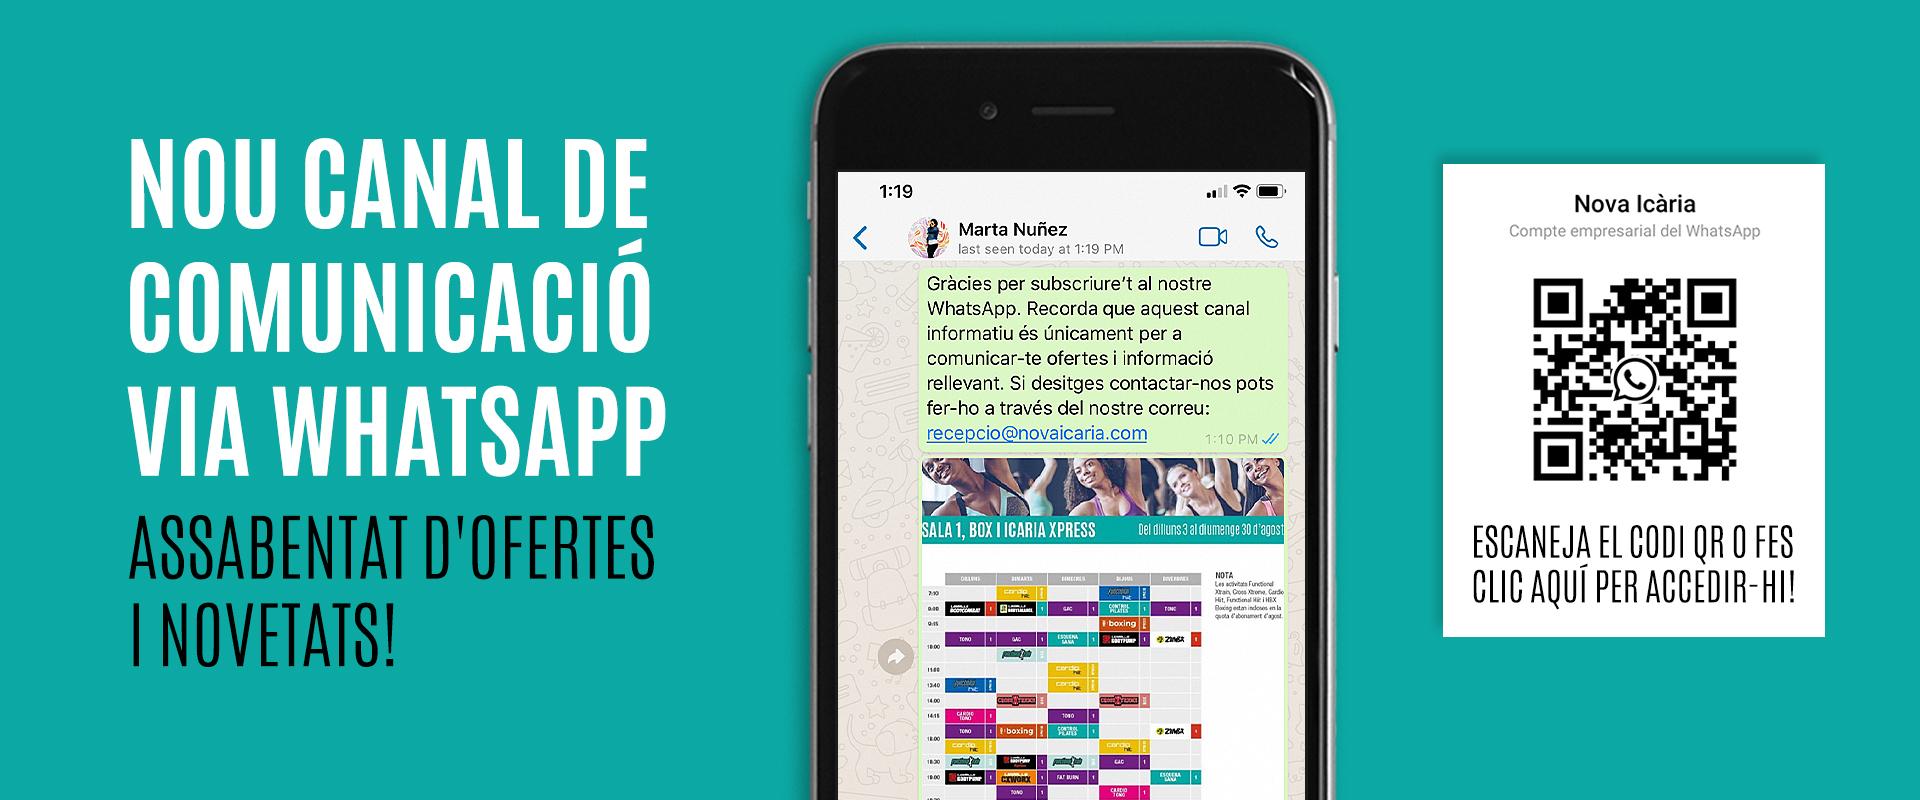 01_NovaIcaria_Slide_web_1920x800_WhatsAppQR_A